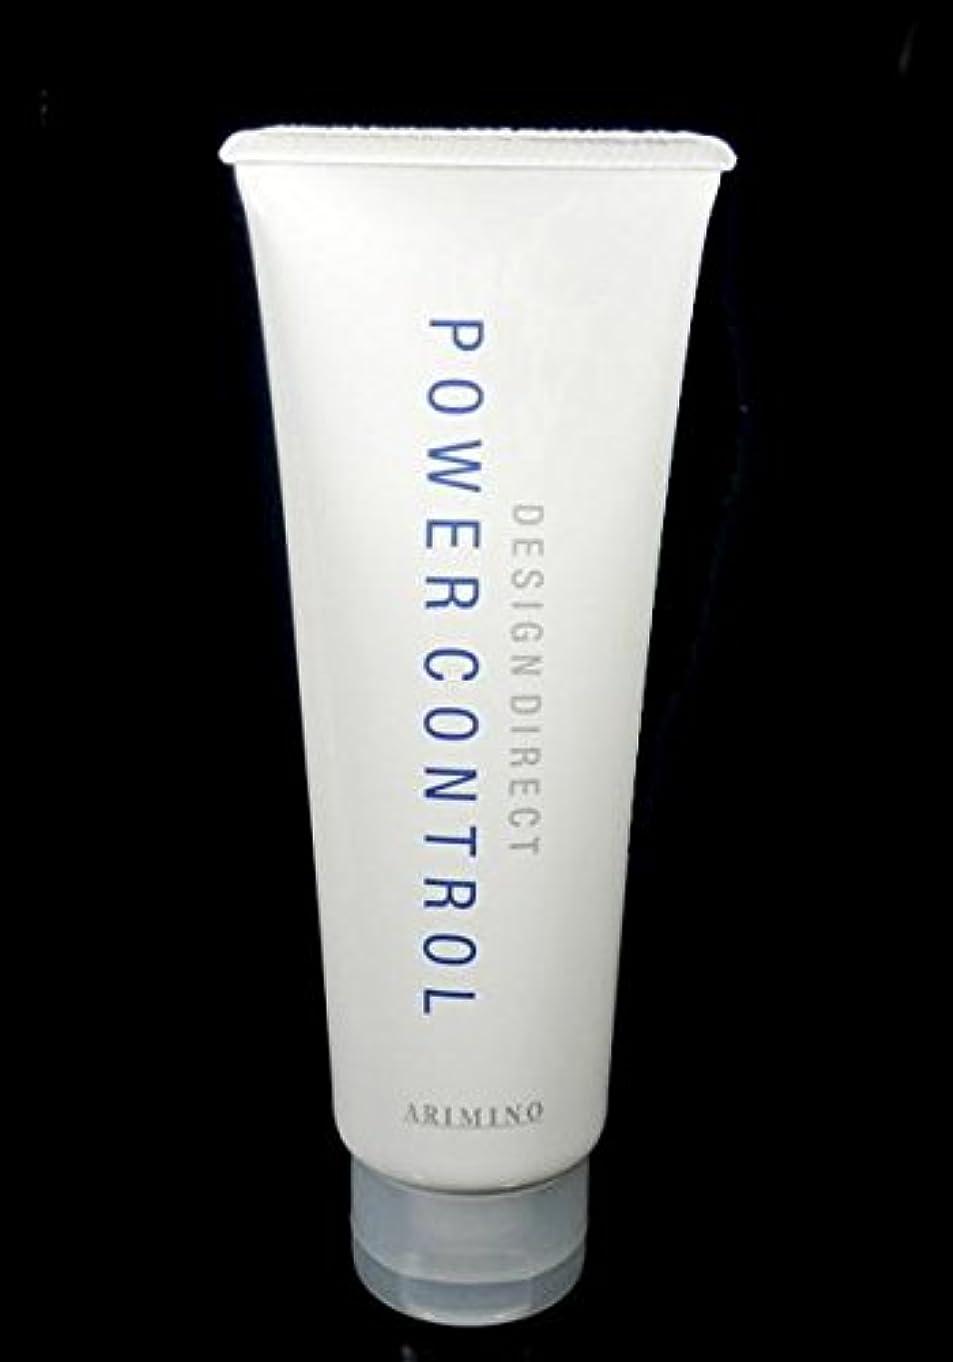 浜辺沈黙改善デザインディレクト パワーコントロール(ヘアトリートメント)230g アリミノ ARIMINO 新品